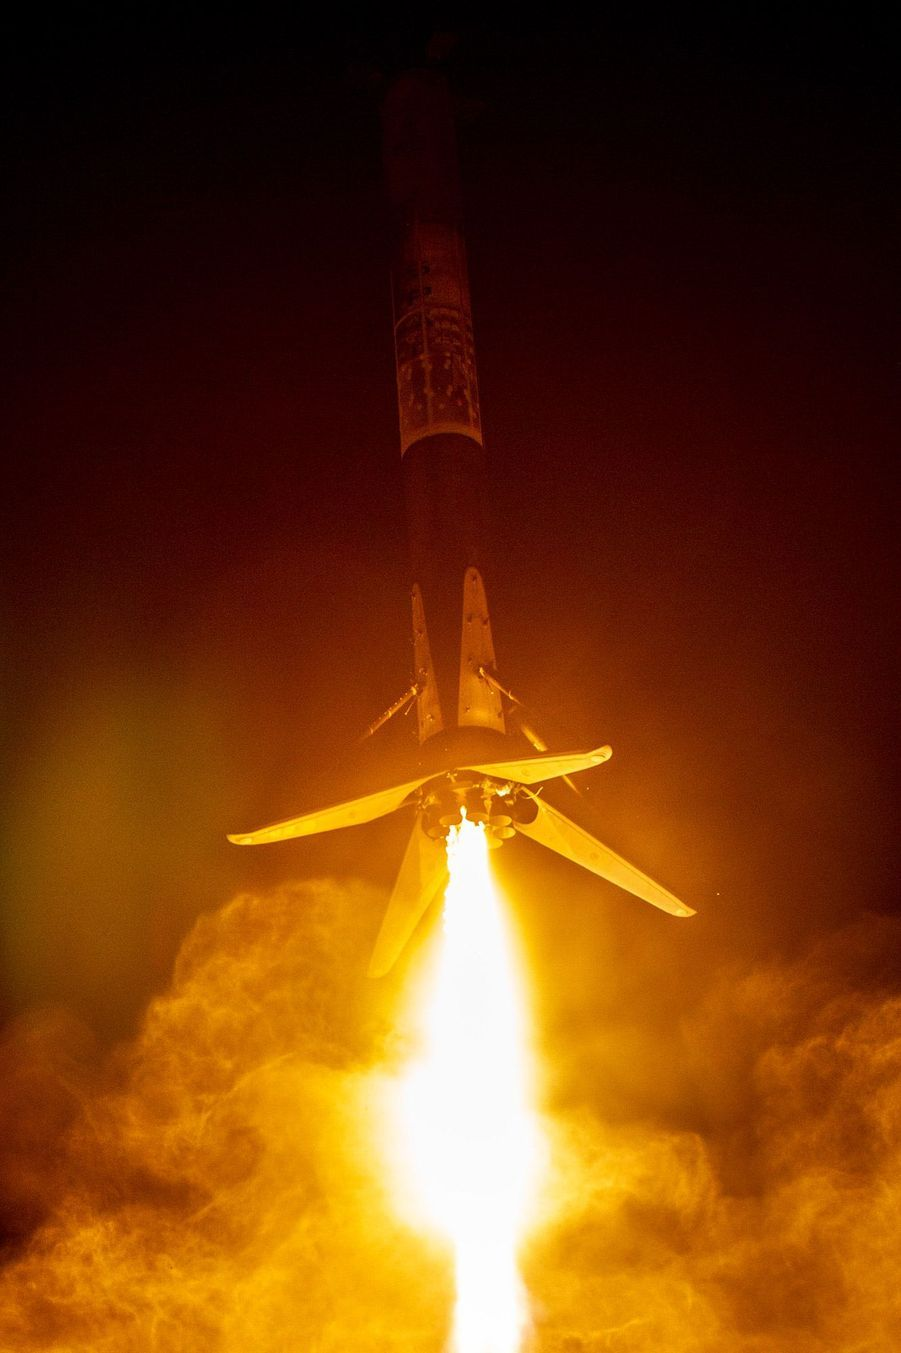 Lors du décollage de Falcon 9, dimanche 7 octobre 2018, à laVandenberg Air Force Base (Californie).